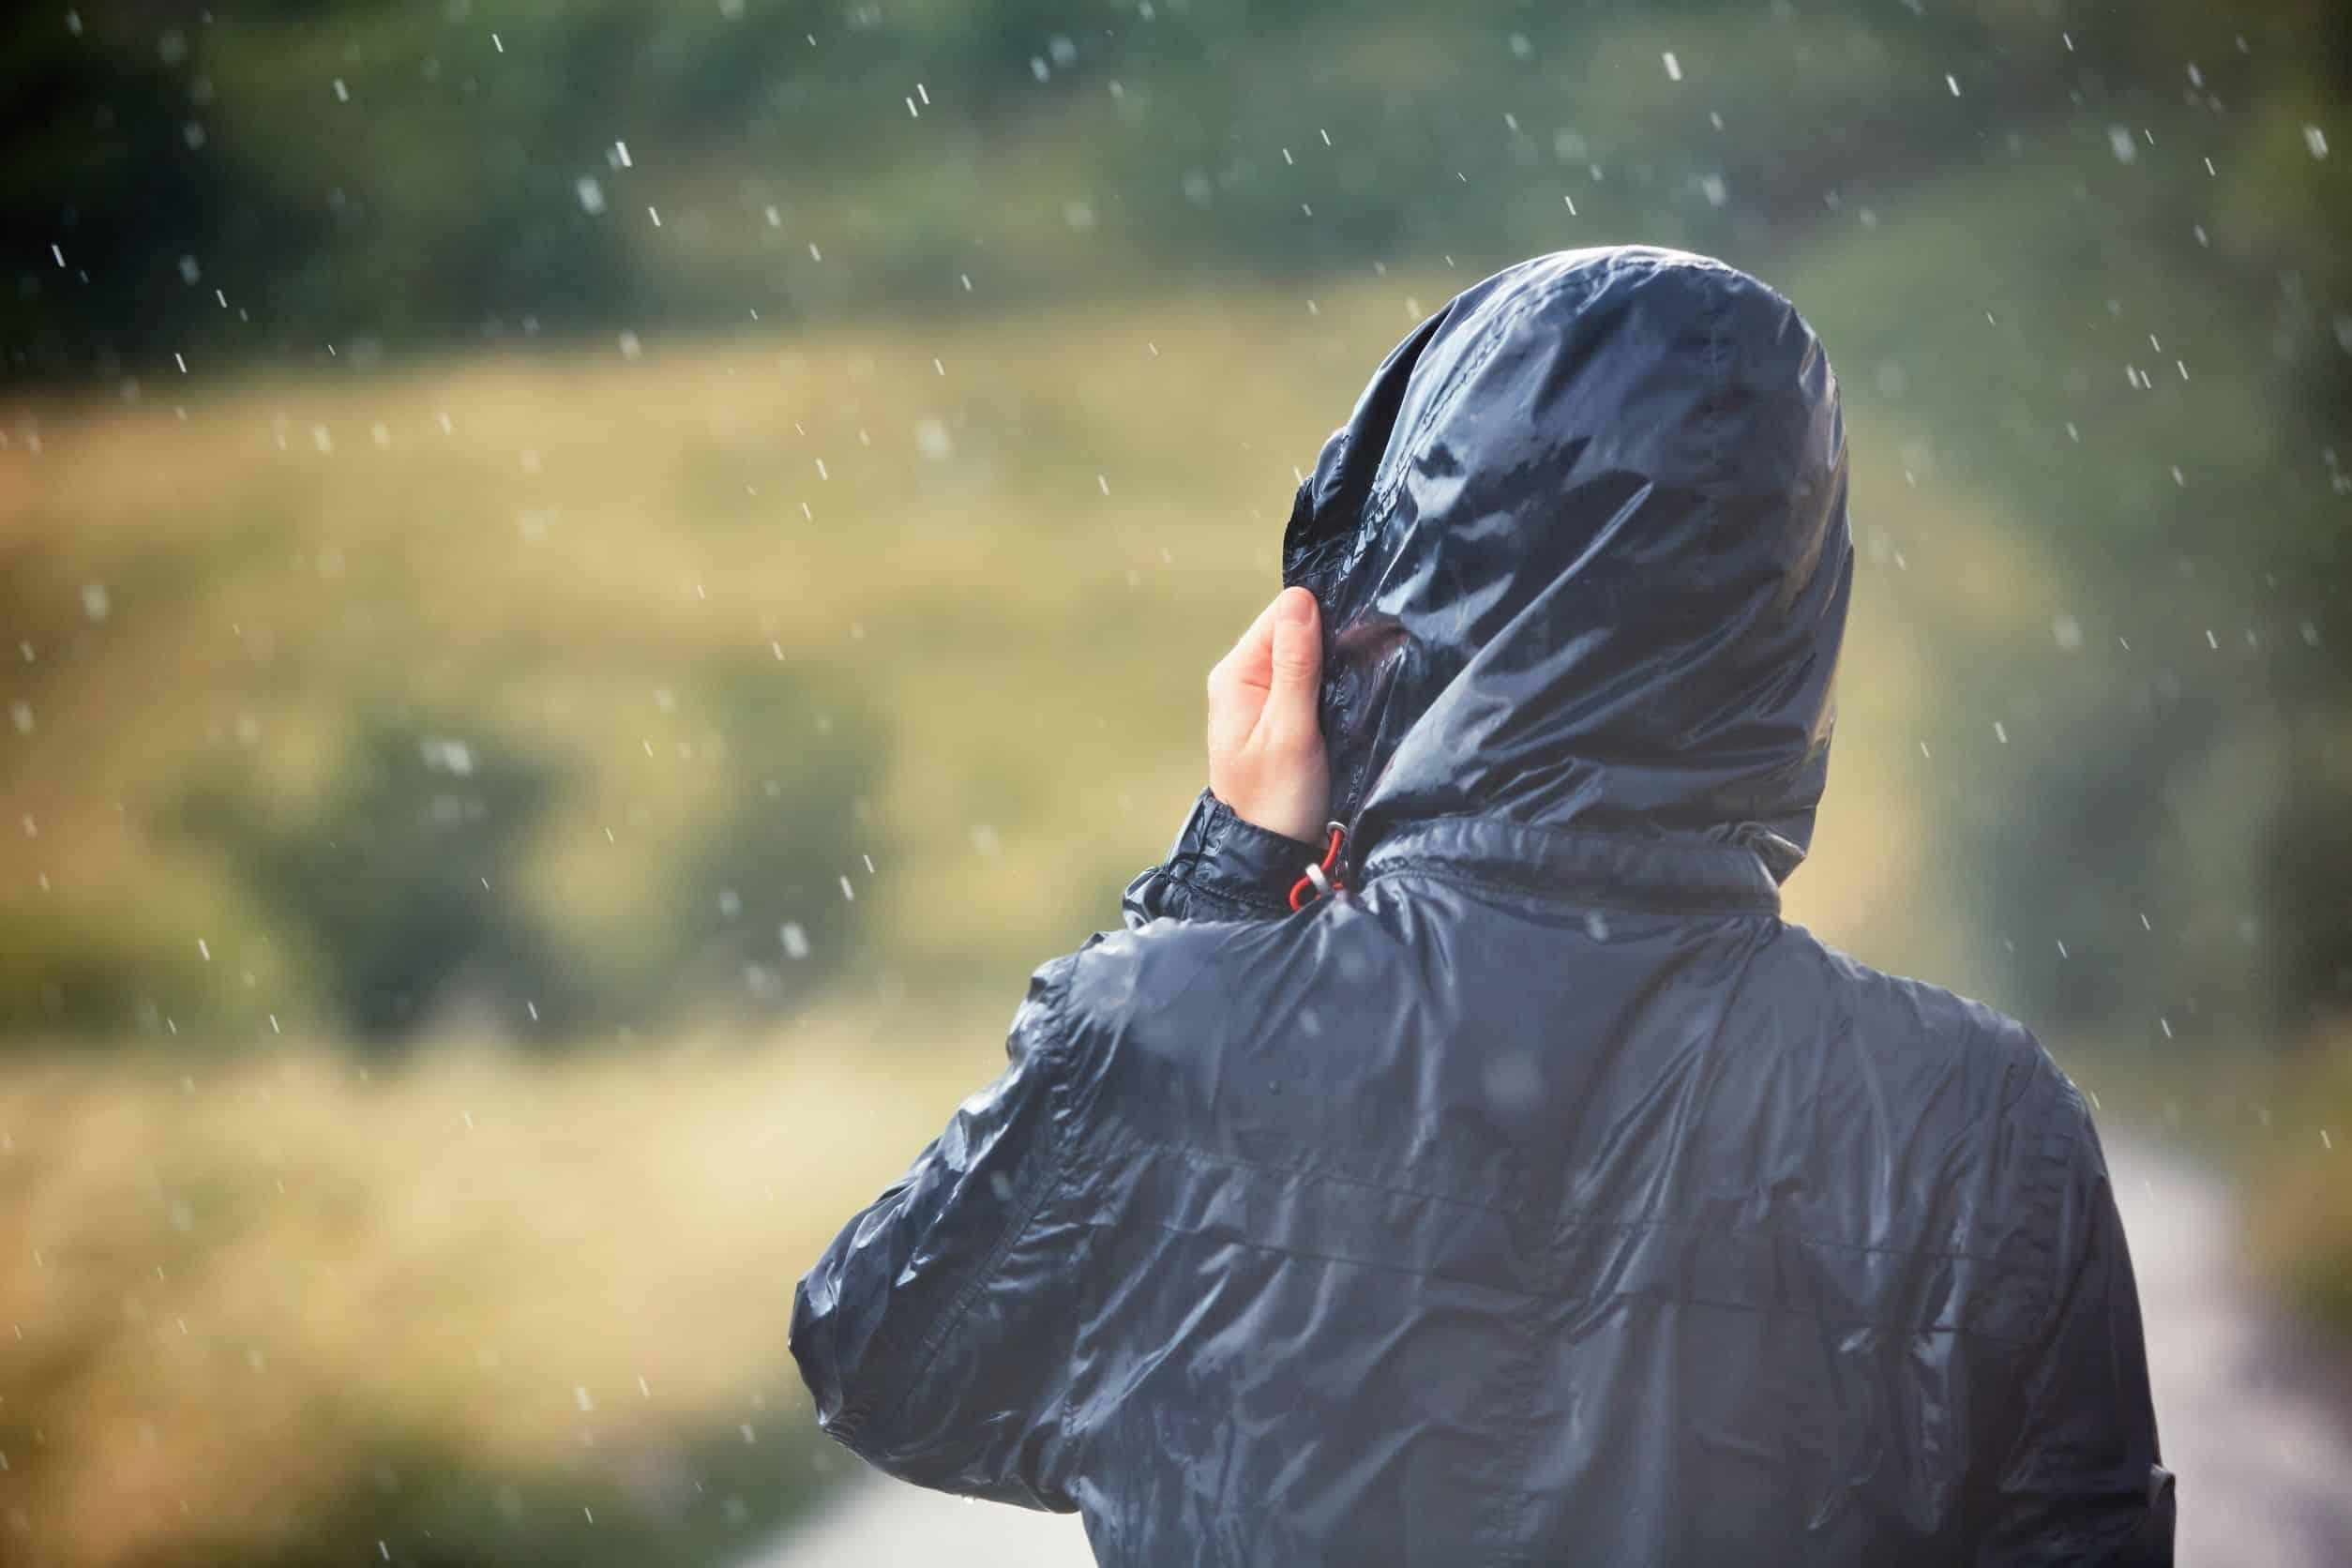 Fahrrad Regenjacke: Test & Empfehlungen (01/20)